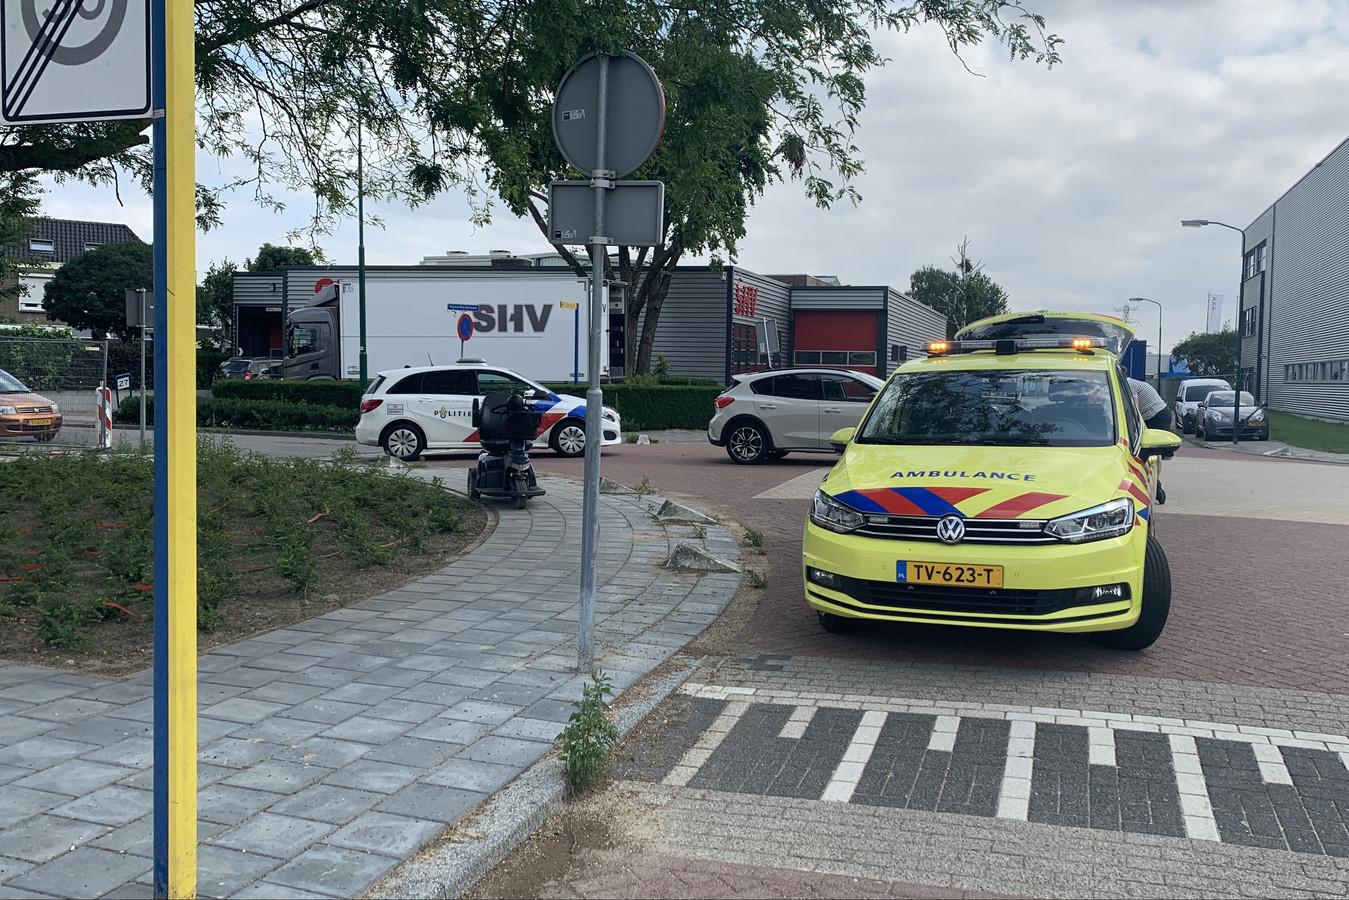 De scootmobiel staat nog op de plek van het ongeluk.